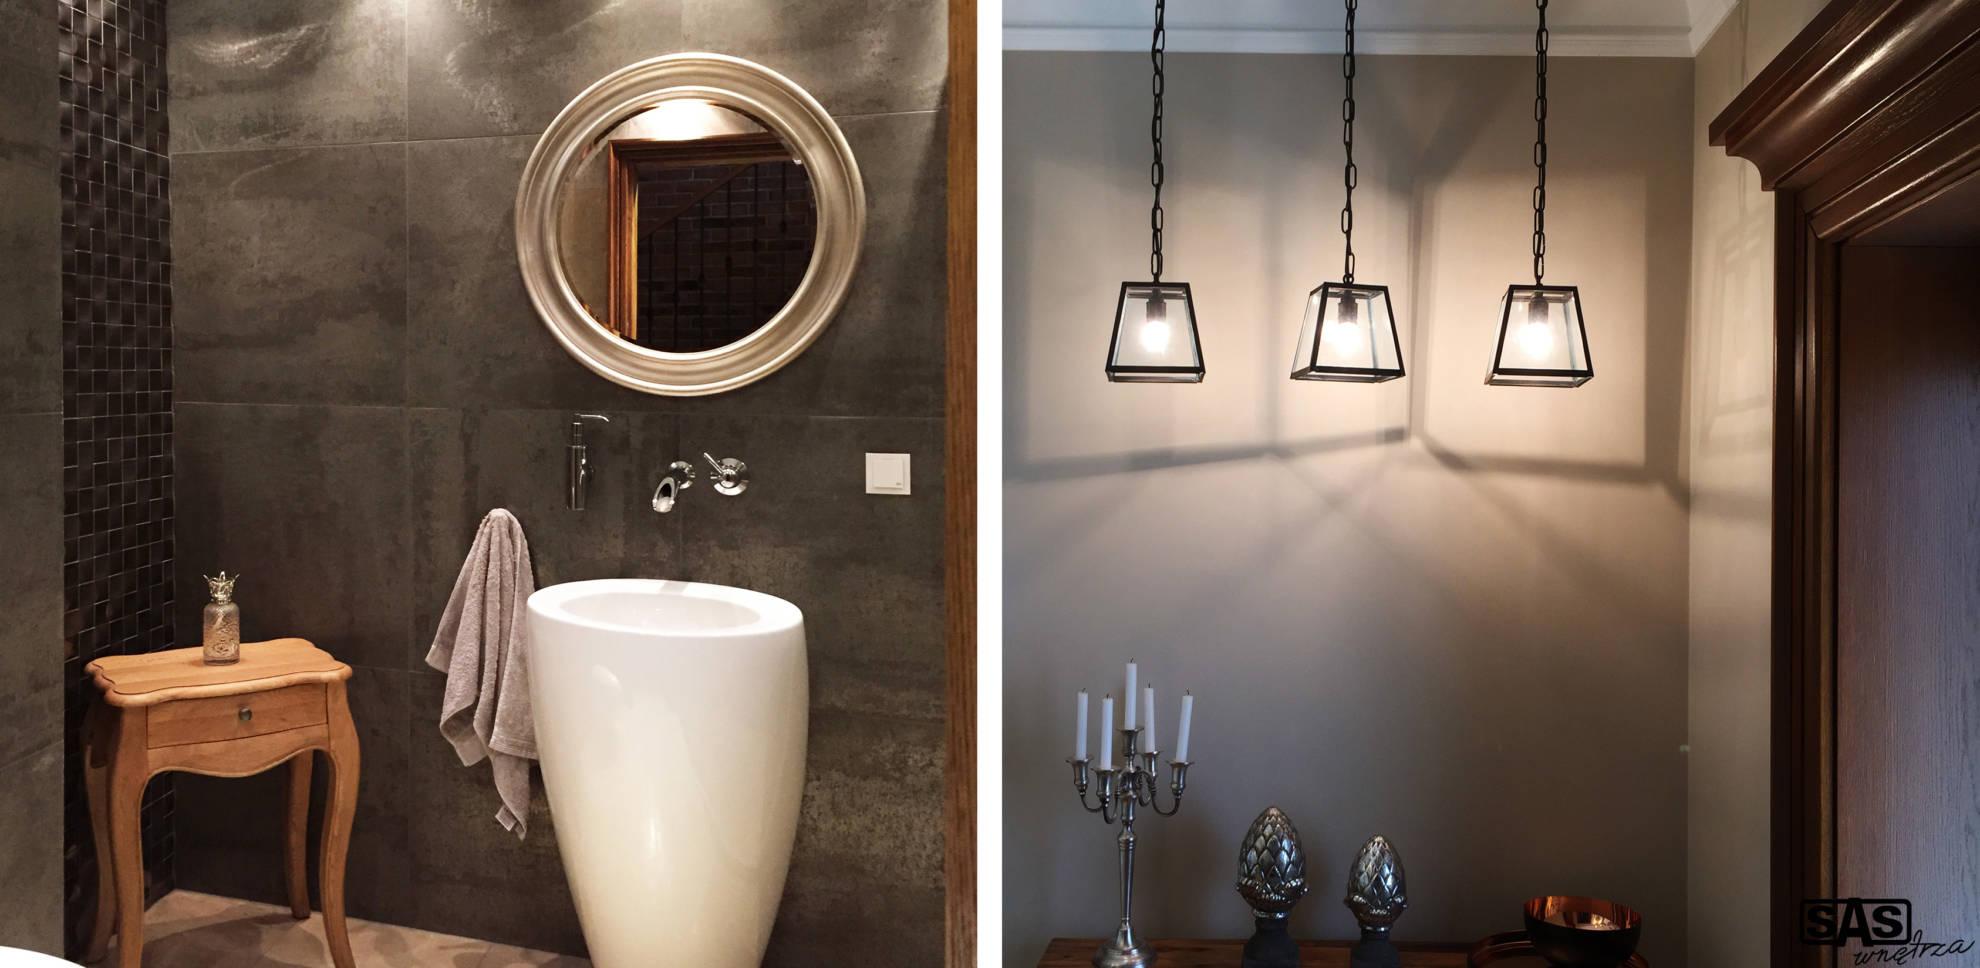 Aranżacja łazienki w domu jednorodzinym - projekt architekt wnętrz Emilia Strzempek Plasun.